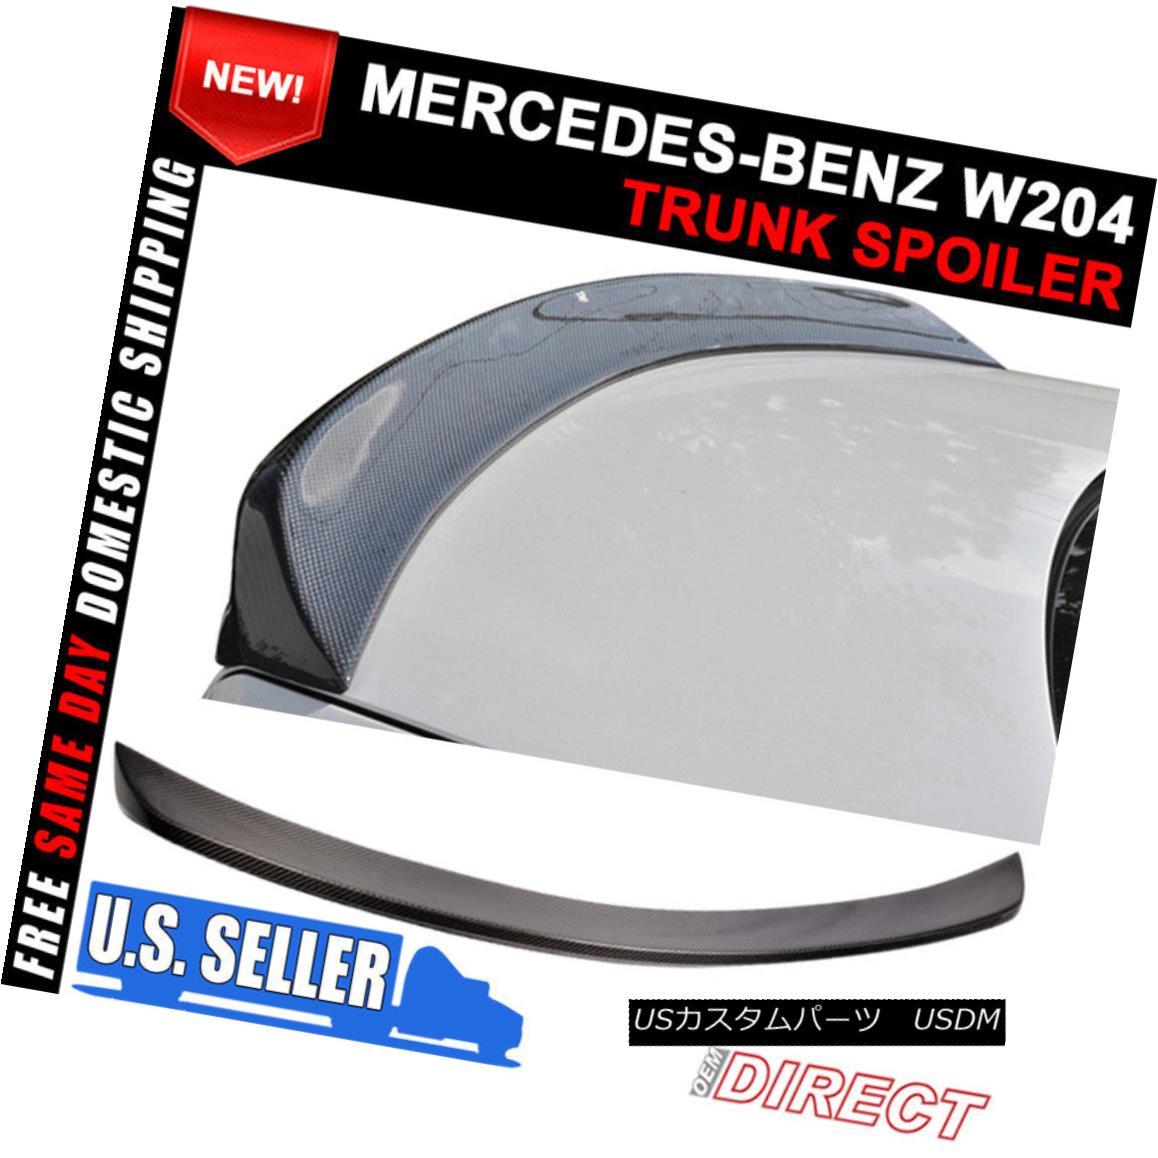 エアロパーツ Fit 08-14 Mercedes Benz C-Class W204 4Dr Sedan Carbon Fiber V Trunk Spoiler Lid 適合08-14メルセデスベンツCクラスW204 4DrセダンカーボンファイバーVトランクスポイラーリッド